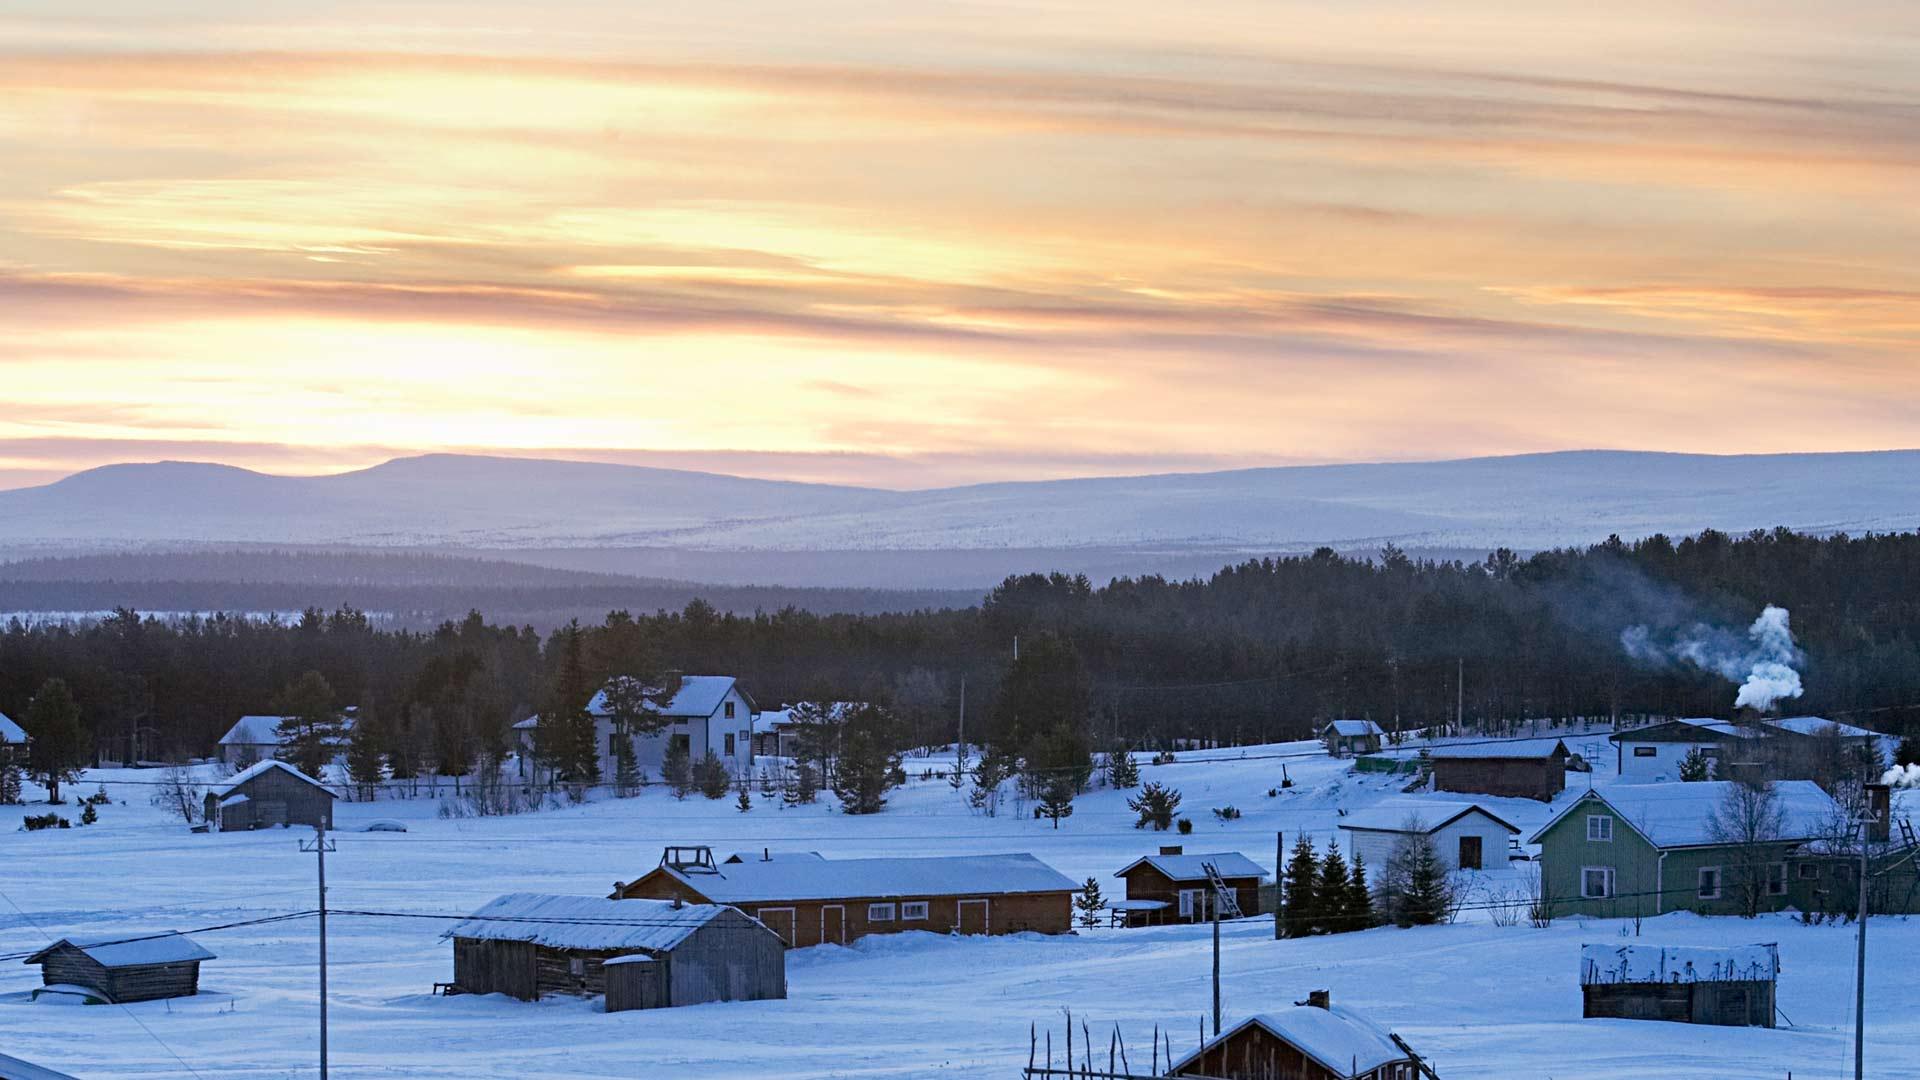 Talvipäivänseisaus on helppo muistaa, koska päivän pitenemistä odotetaan kuin kuuta nousevaa.